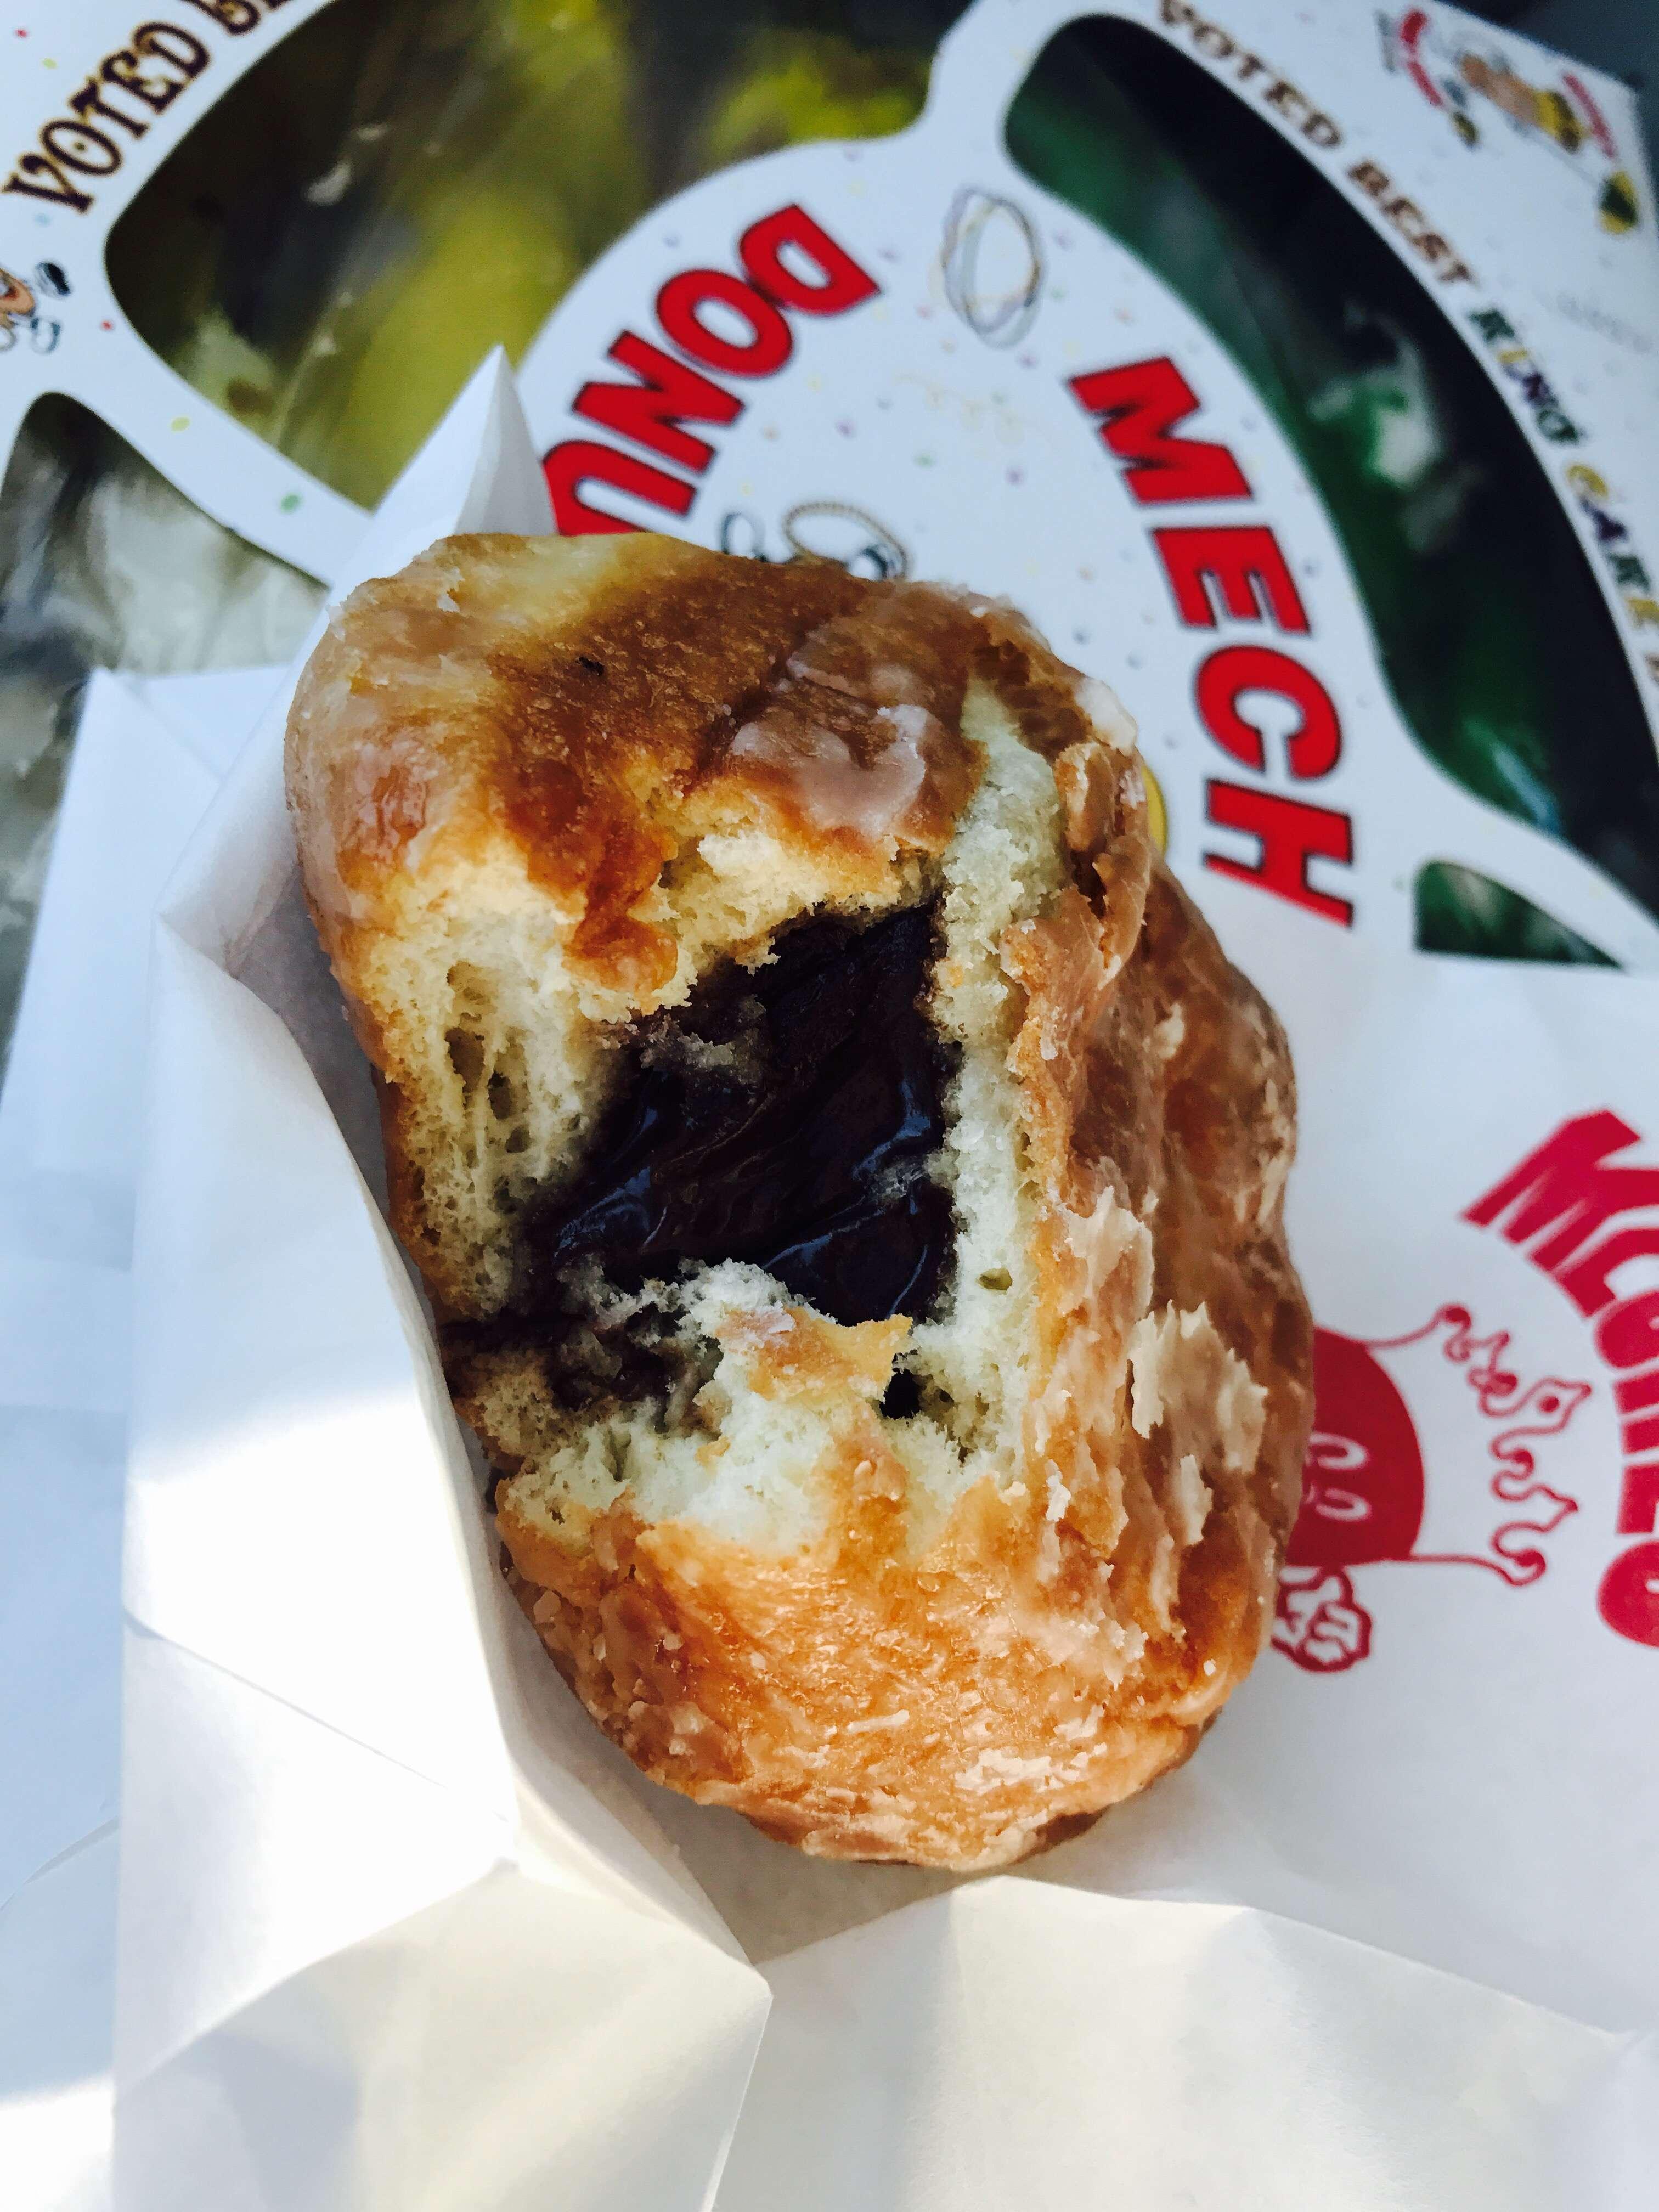 Meche's Donut King